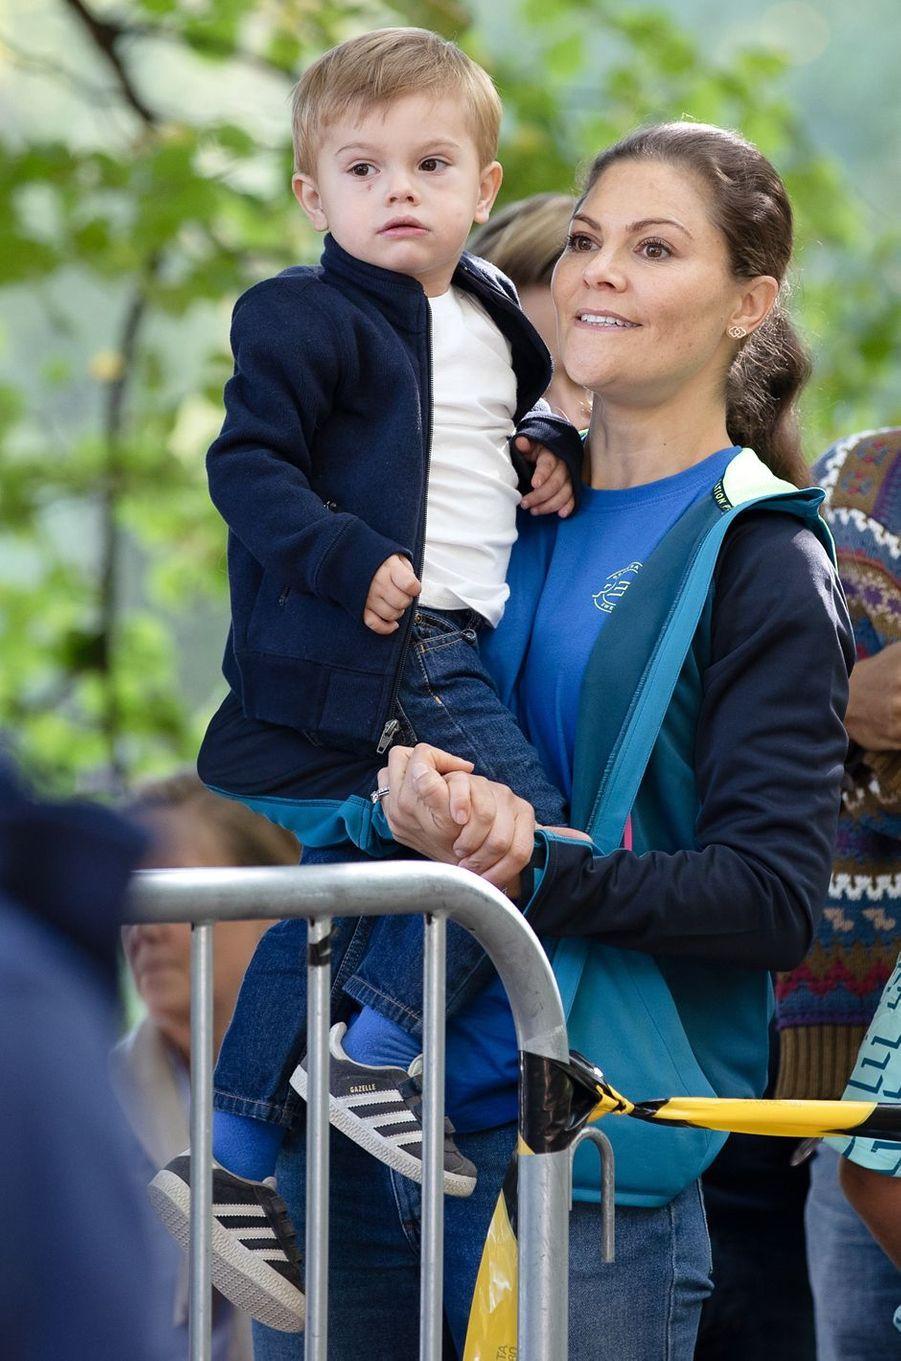 La princesse Victoria de Suède avec son fils le prince Oscar à Solna, le 16 septembre 2018